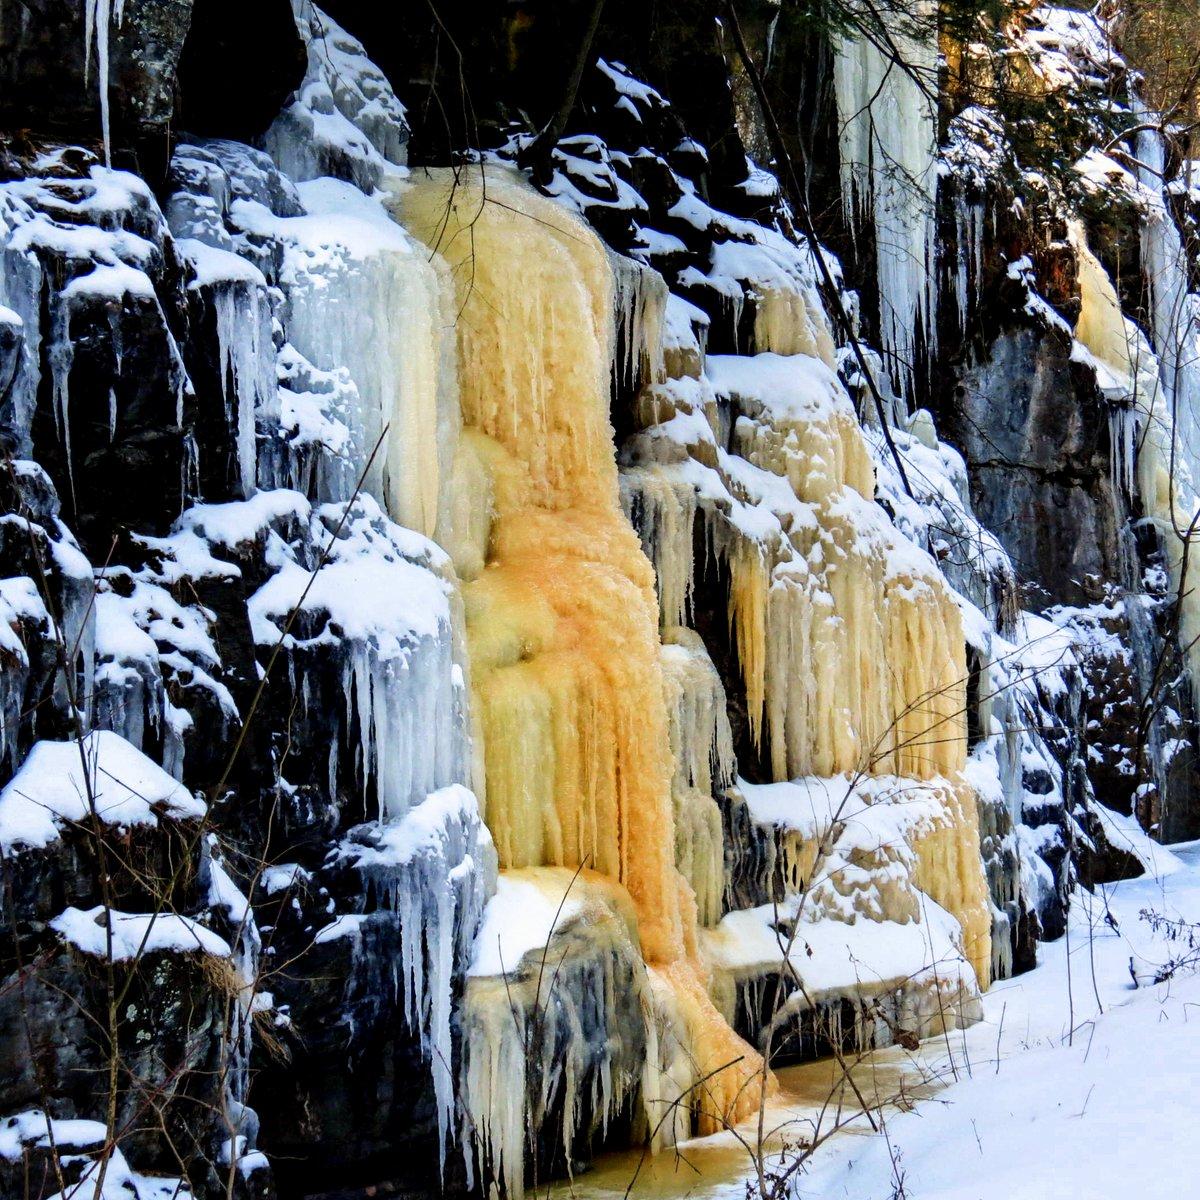 11. Orange Ice